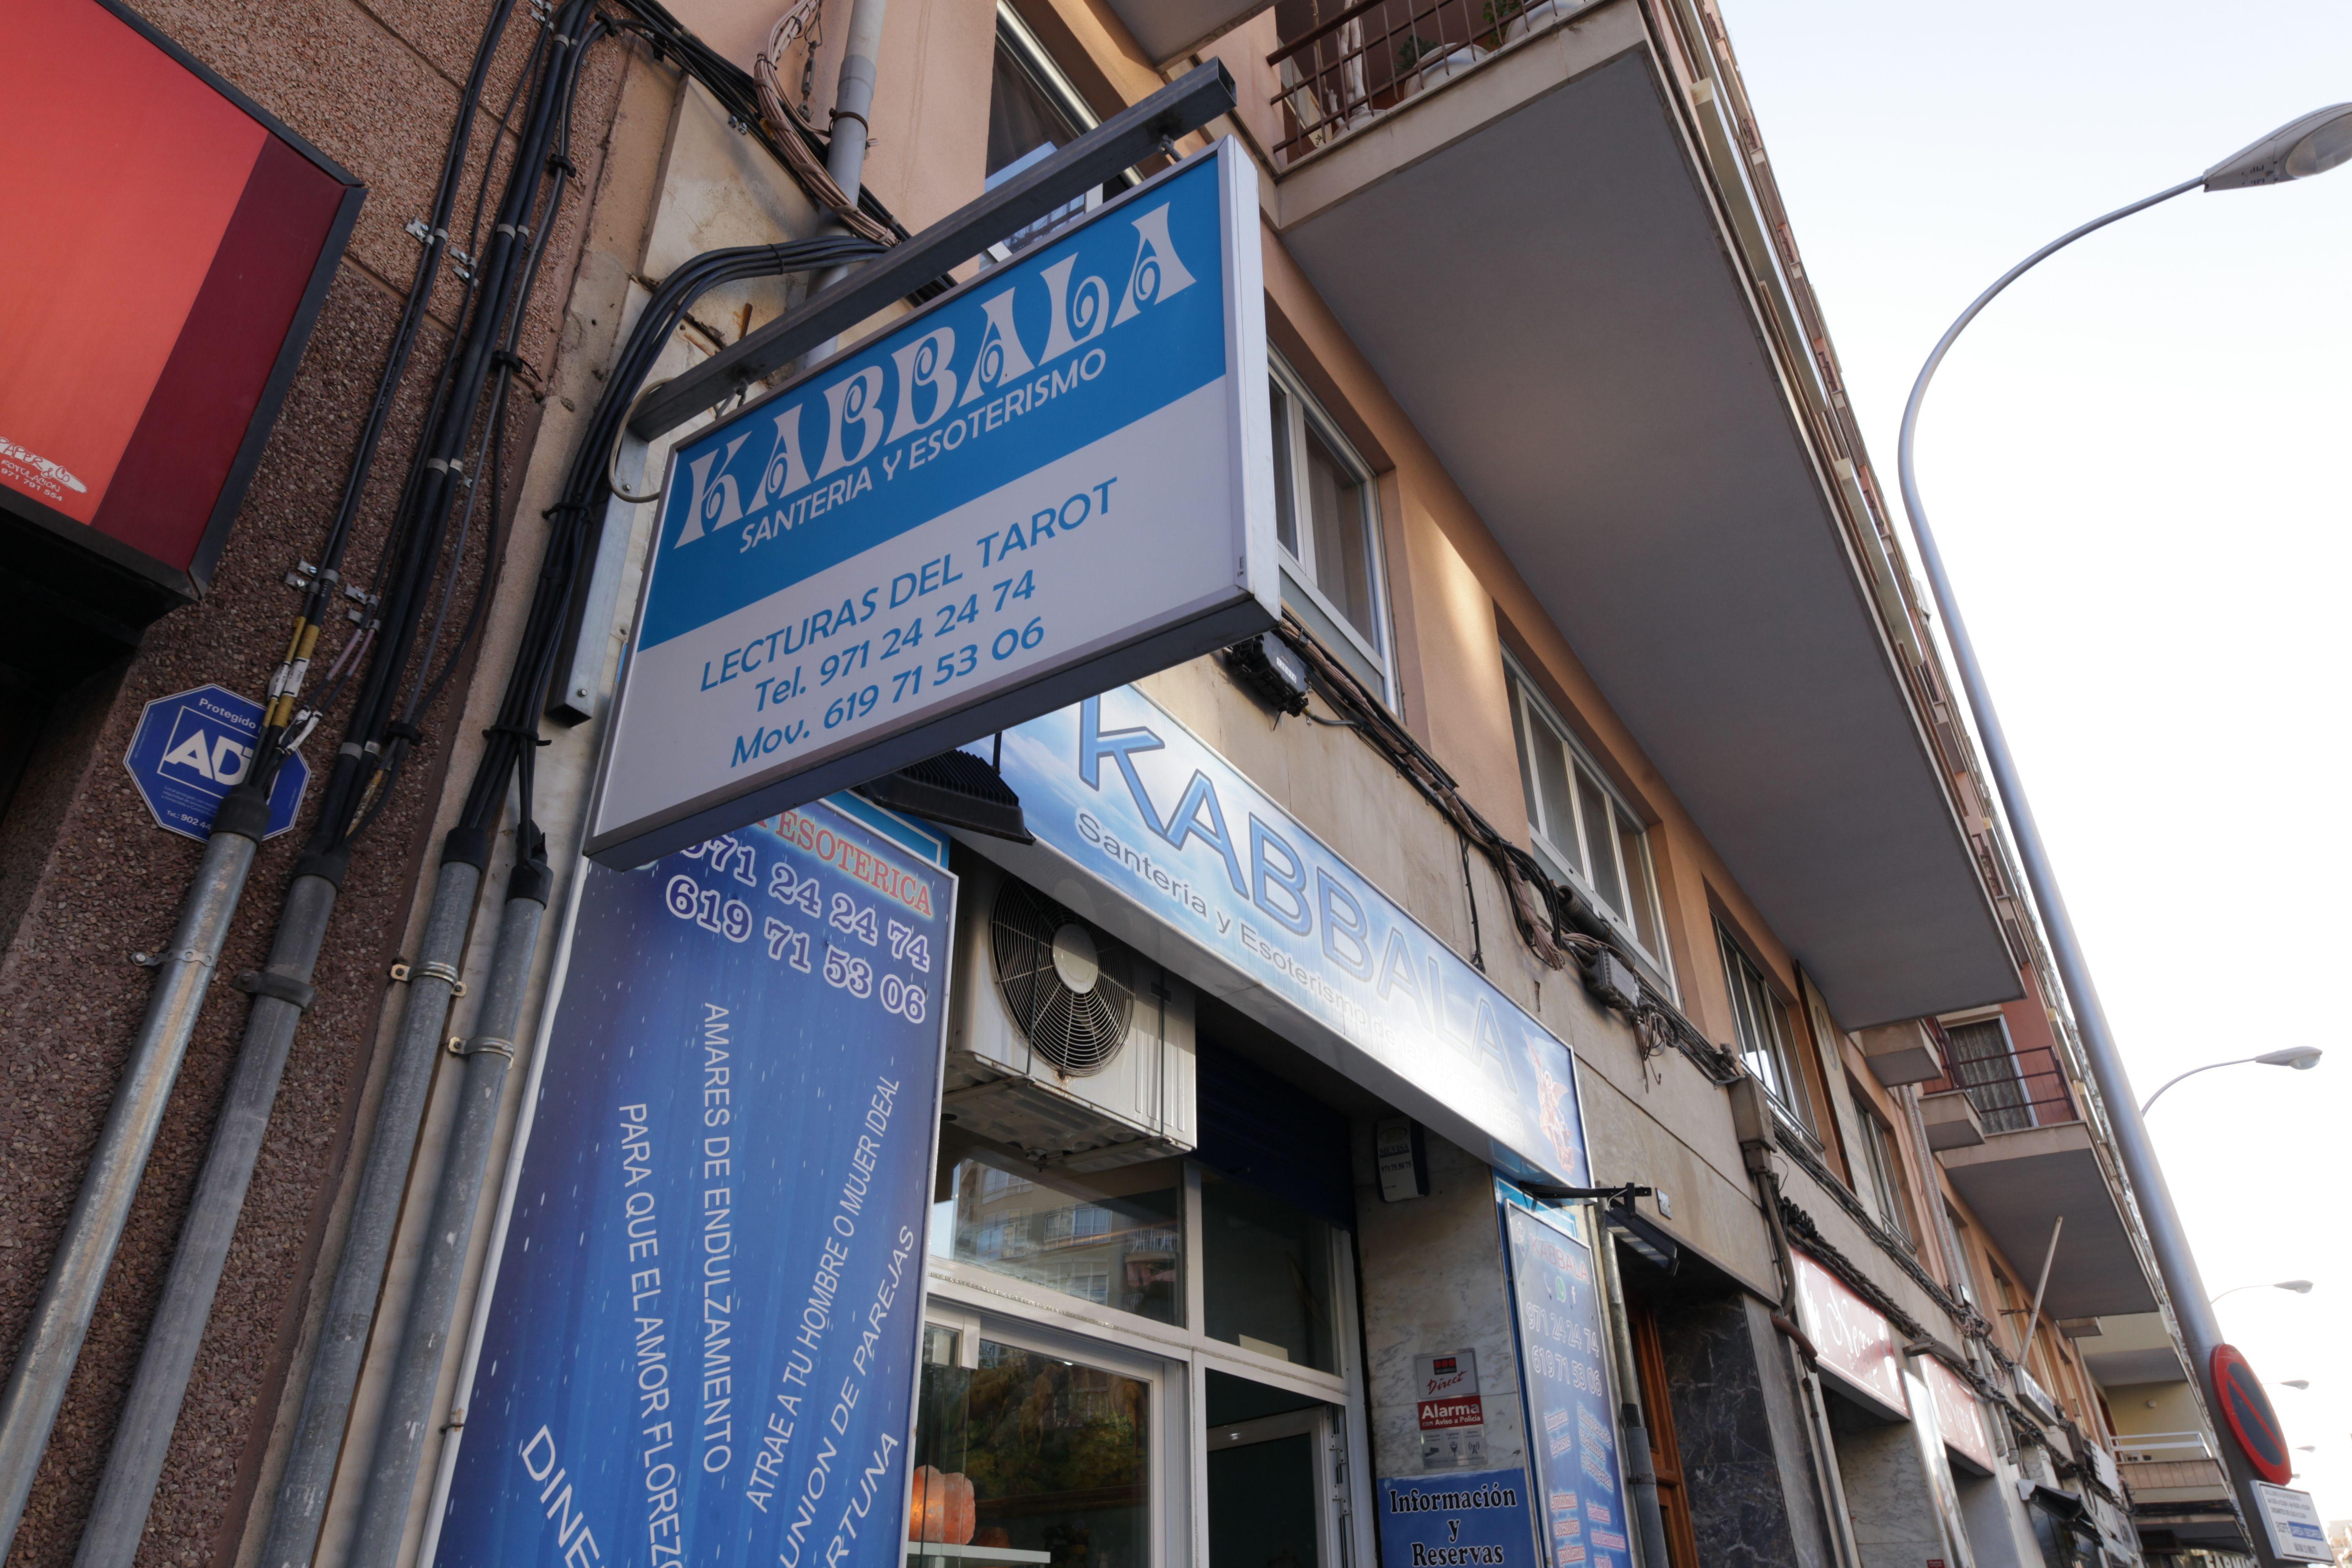 Foto 3 de Tiendas esotéricas en Palma | Kabbala Santería Esotérica